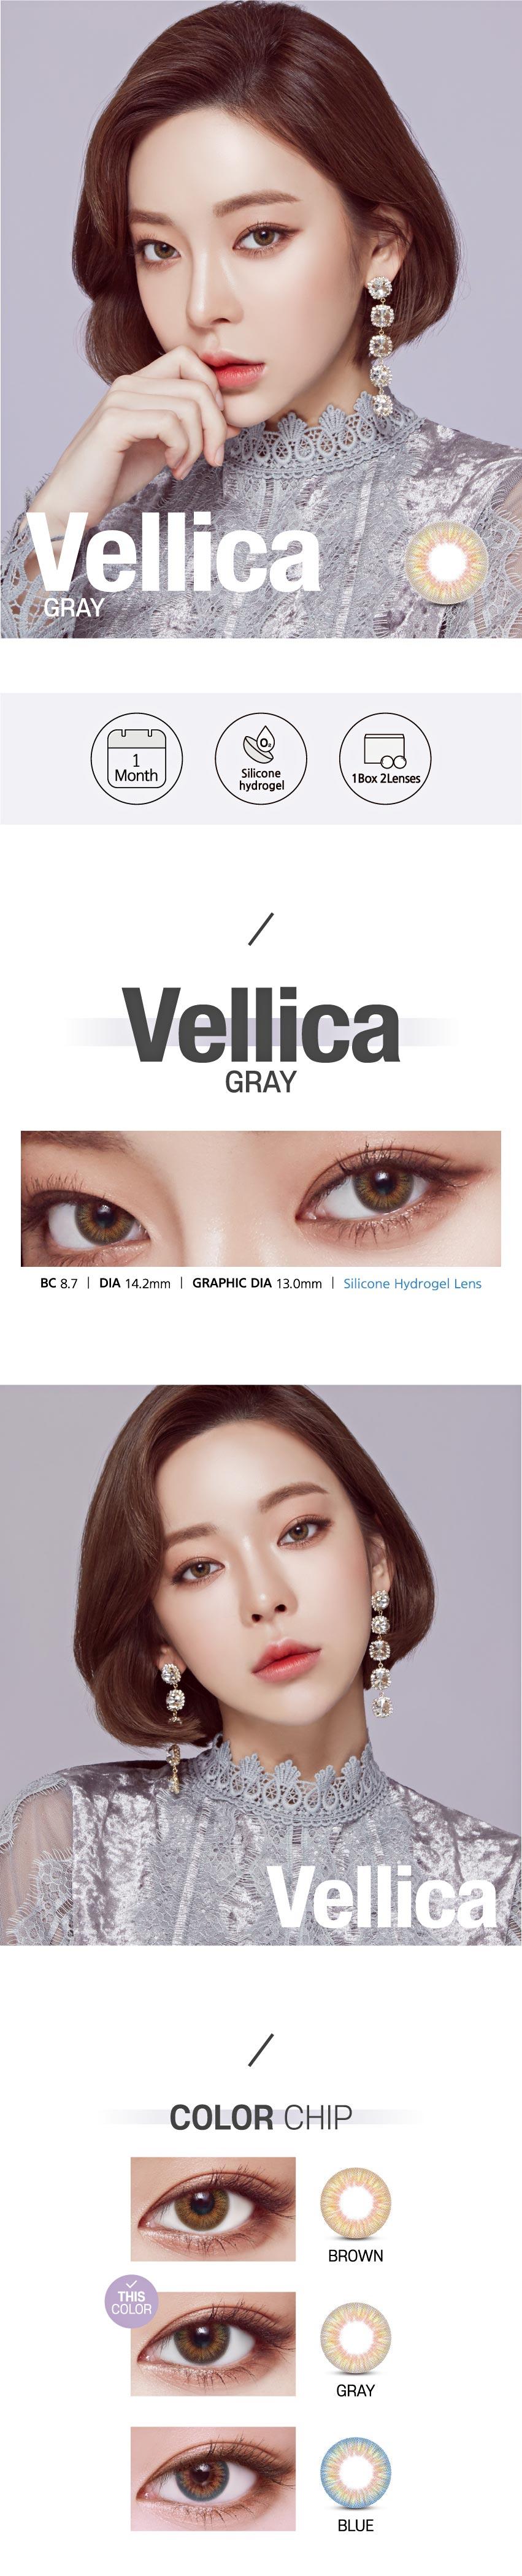 vellica-gray1.jpg